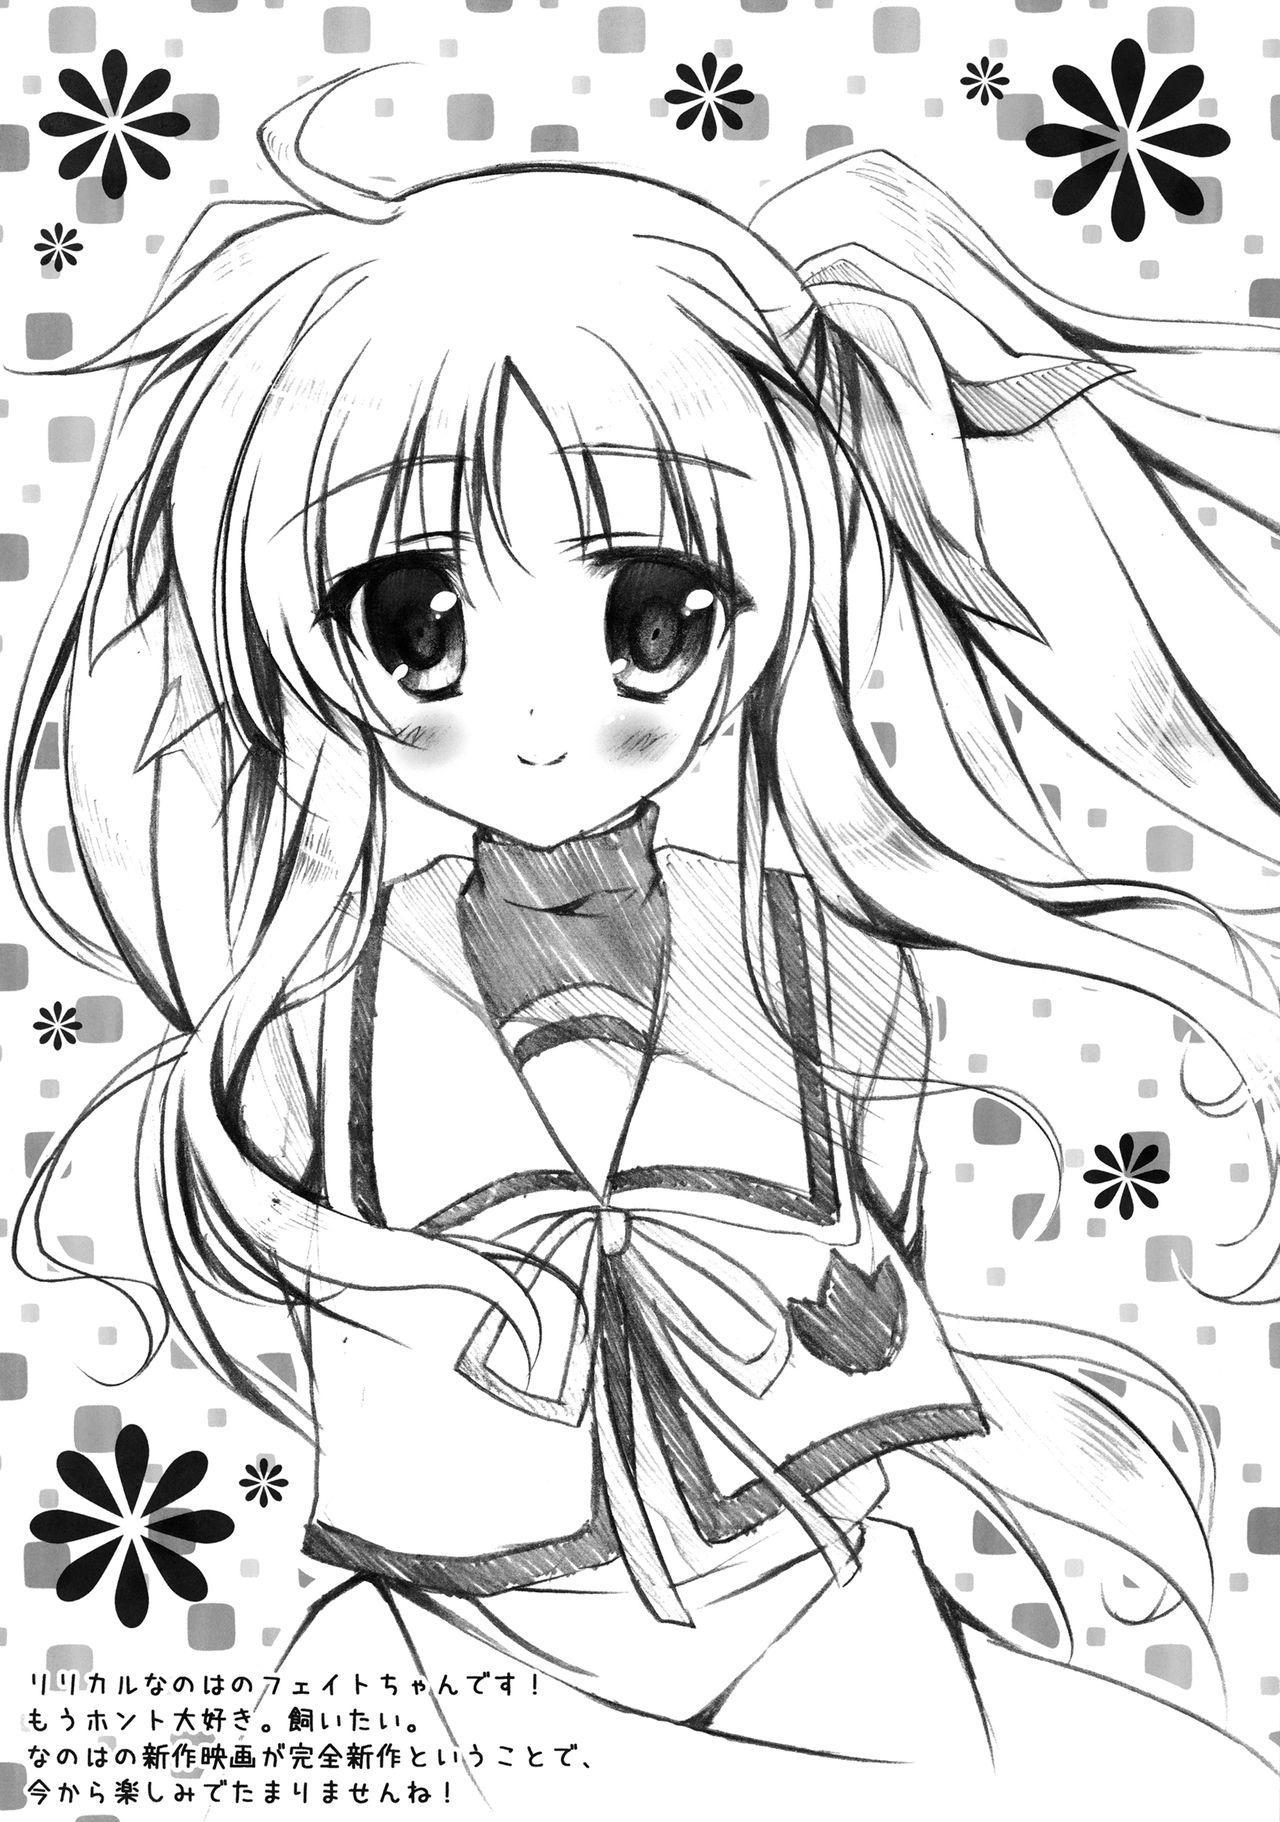 Watashi to Senpai no Himitsu no Jikan 14